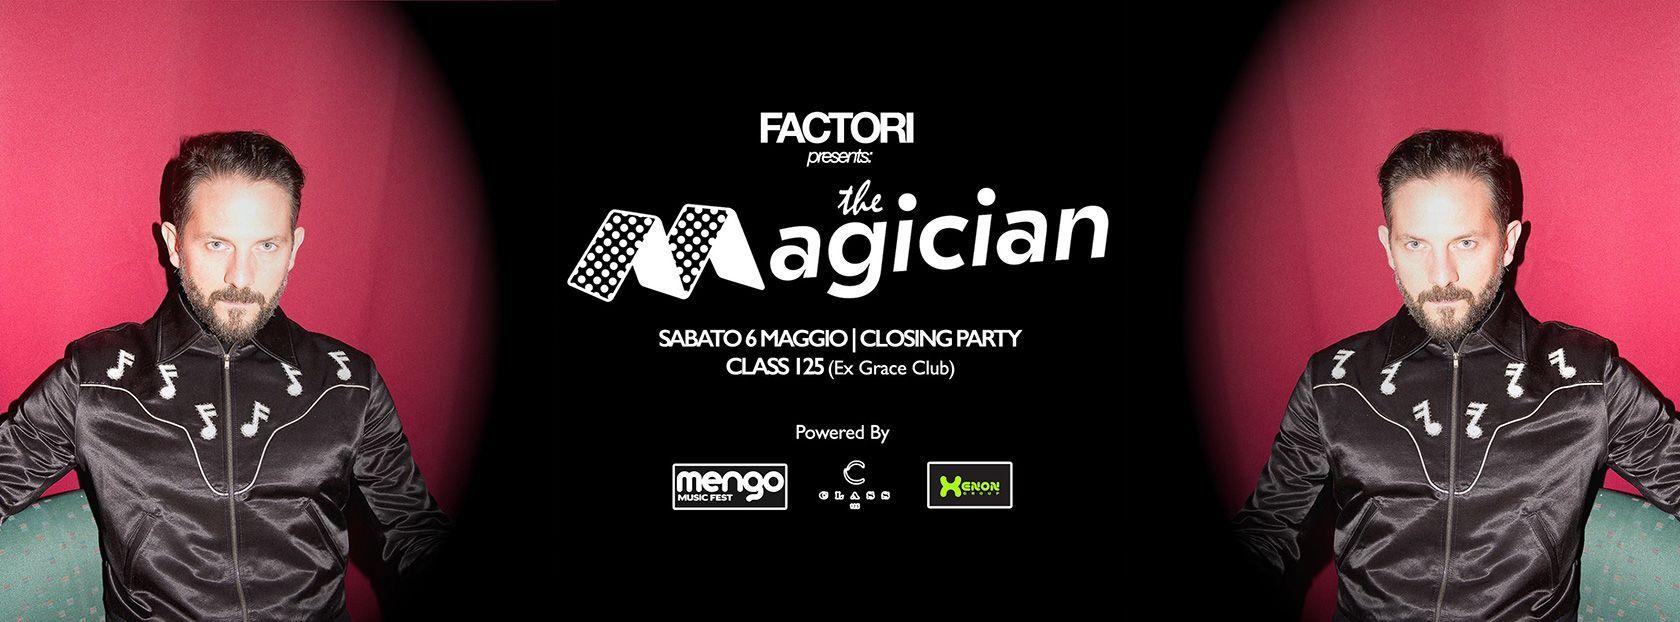 FACTORi presents: The Magician | Closing Party